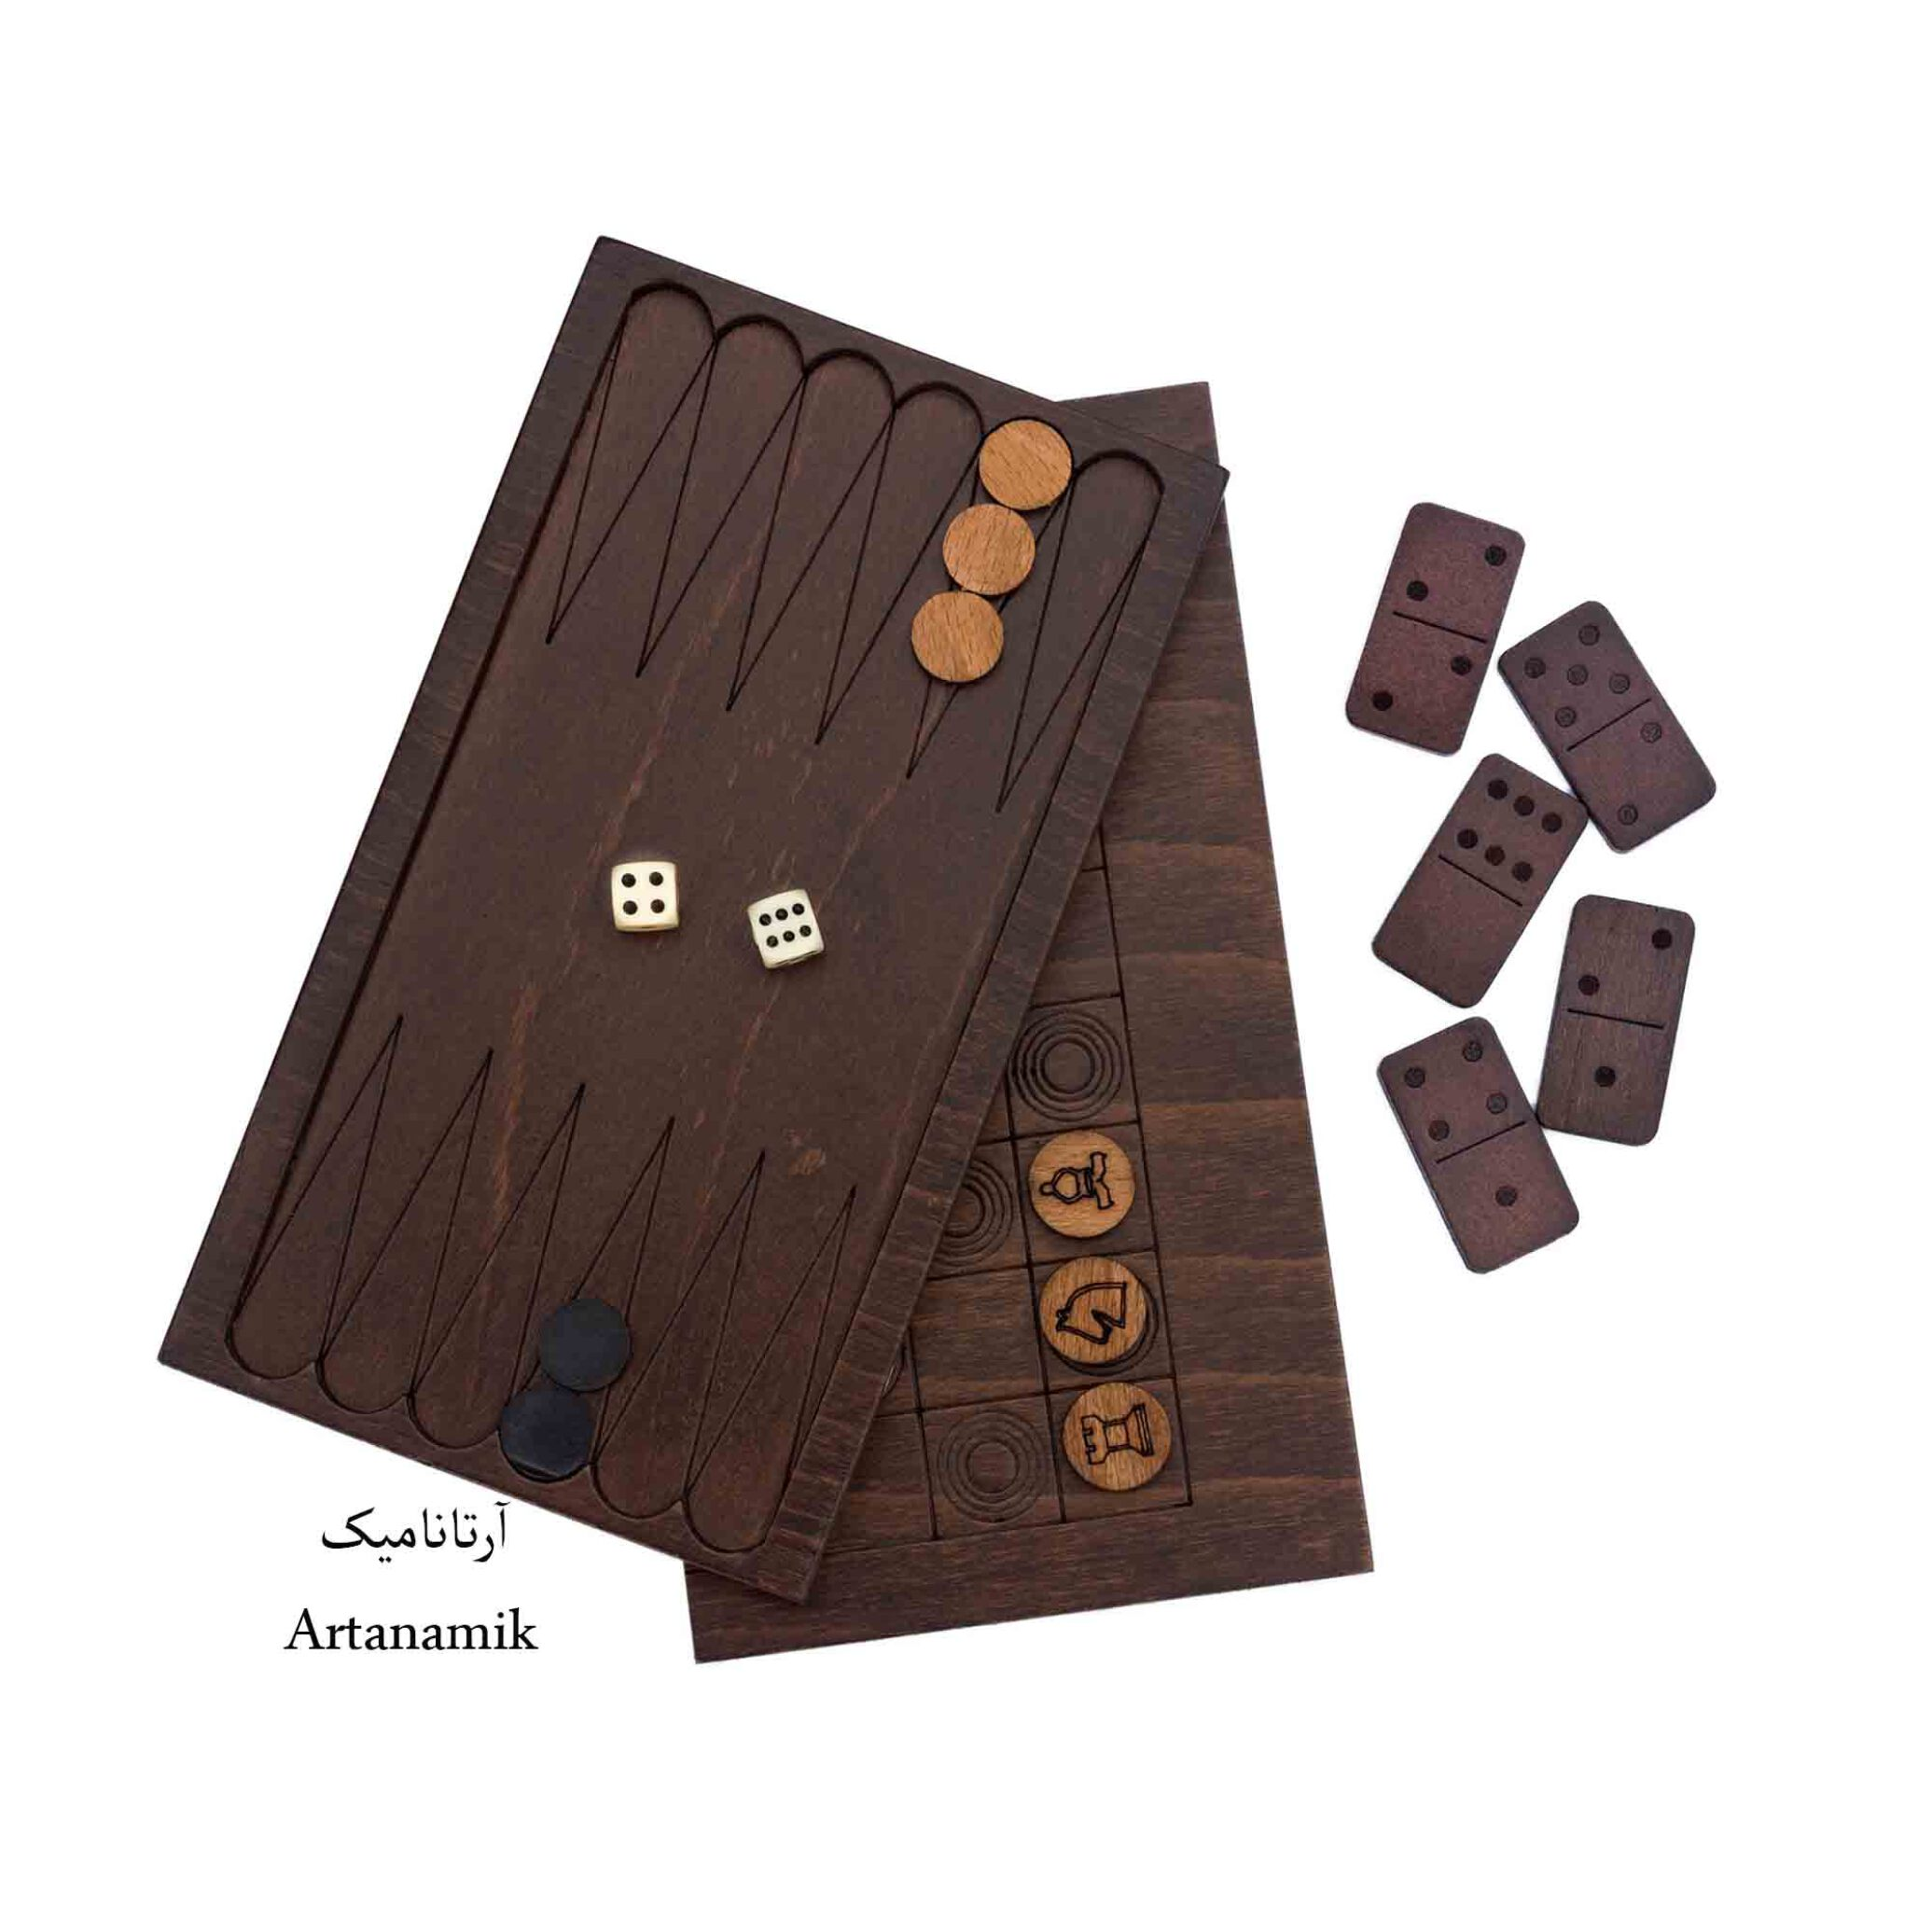 باکس بازی چوبی سه میل راش طبیعی شامل تخته نرد کادویی ، شطرنج کادویی و دومینو